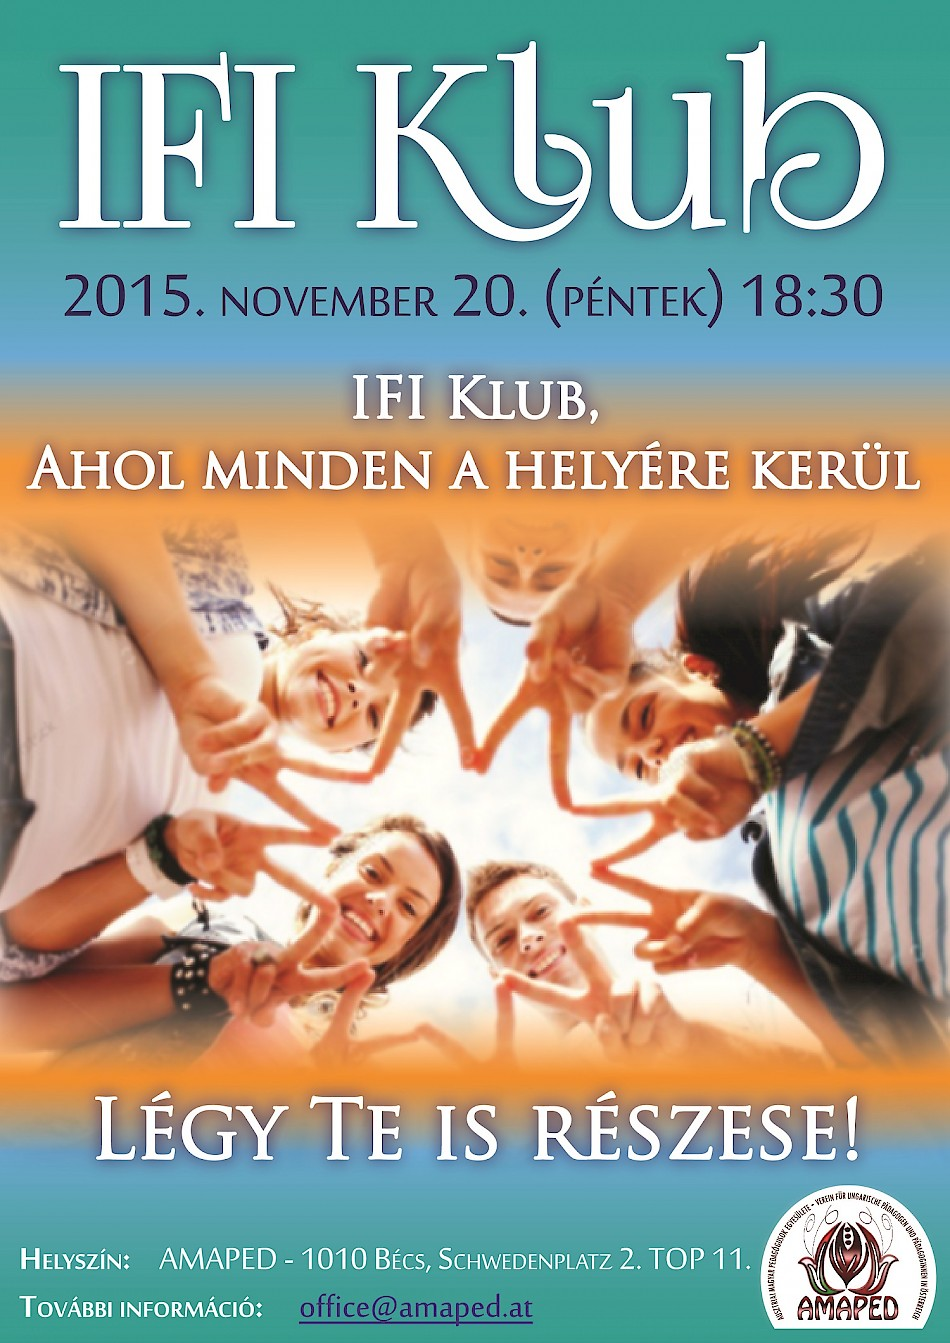 IFI Klub